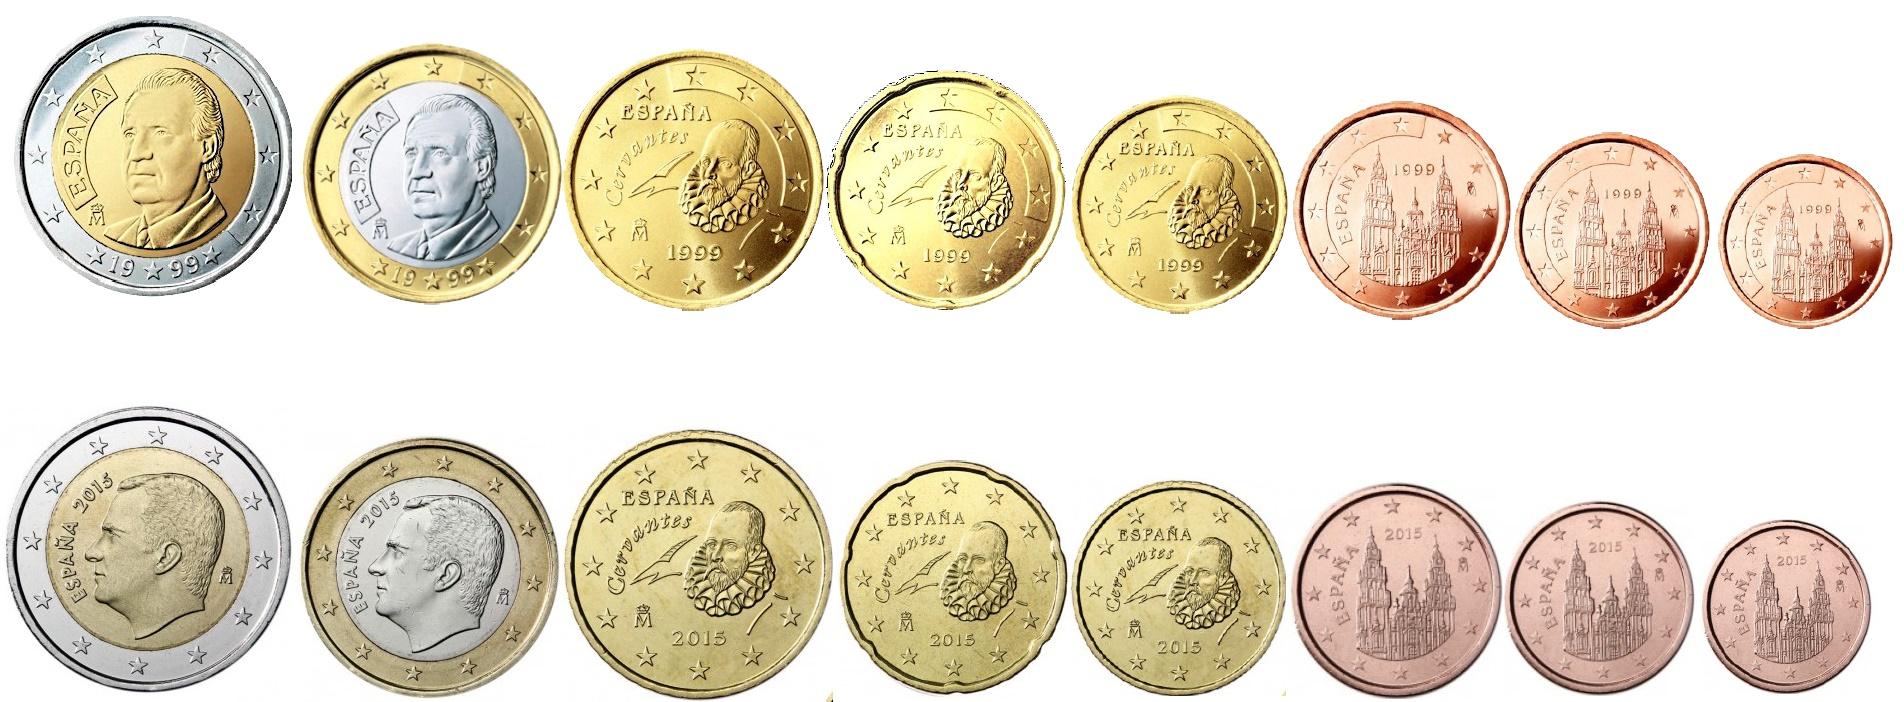 Alte Englische Währung